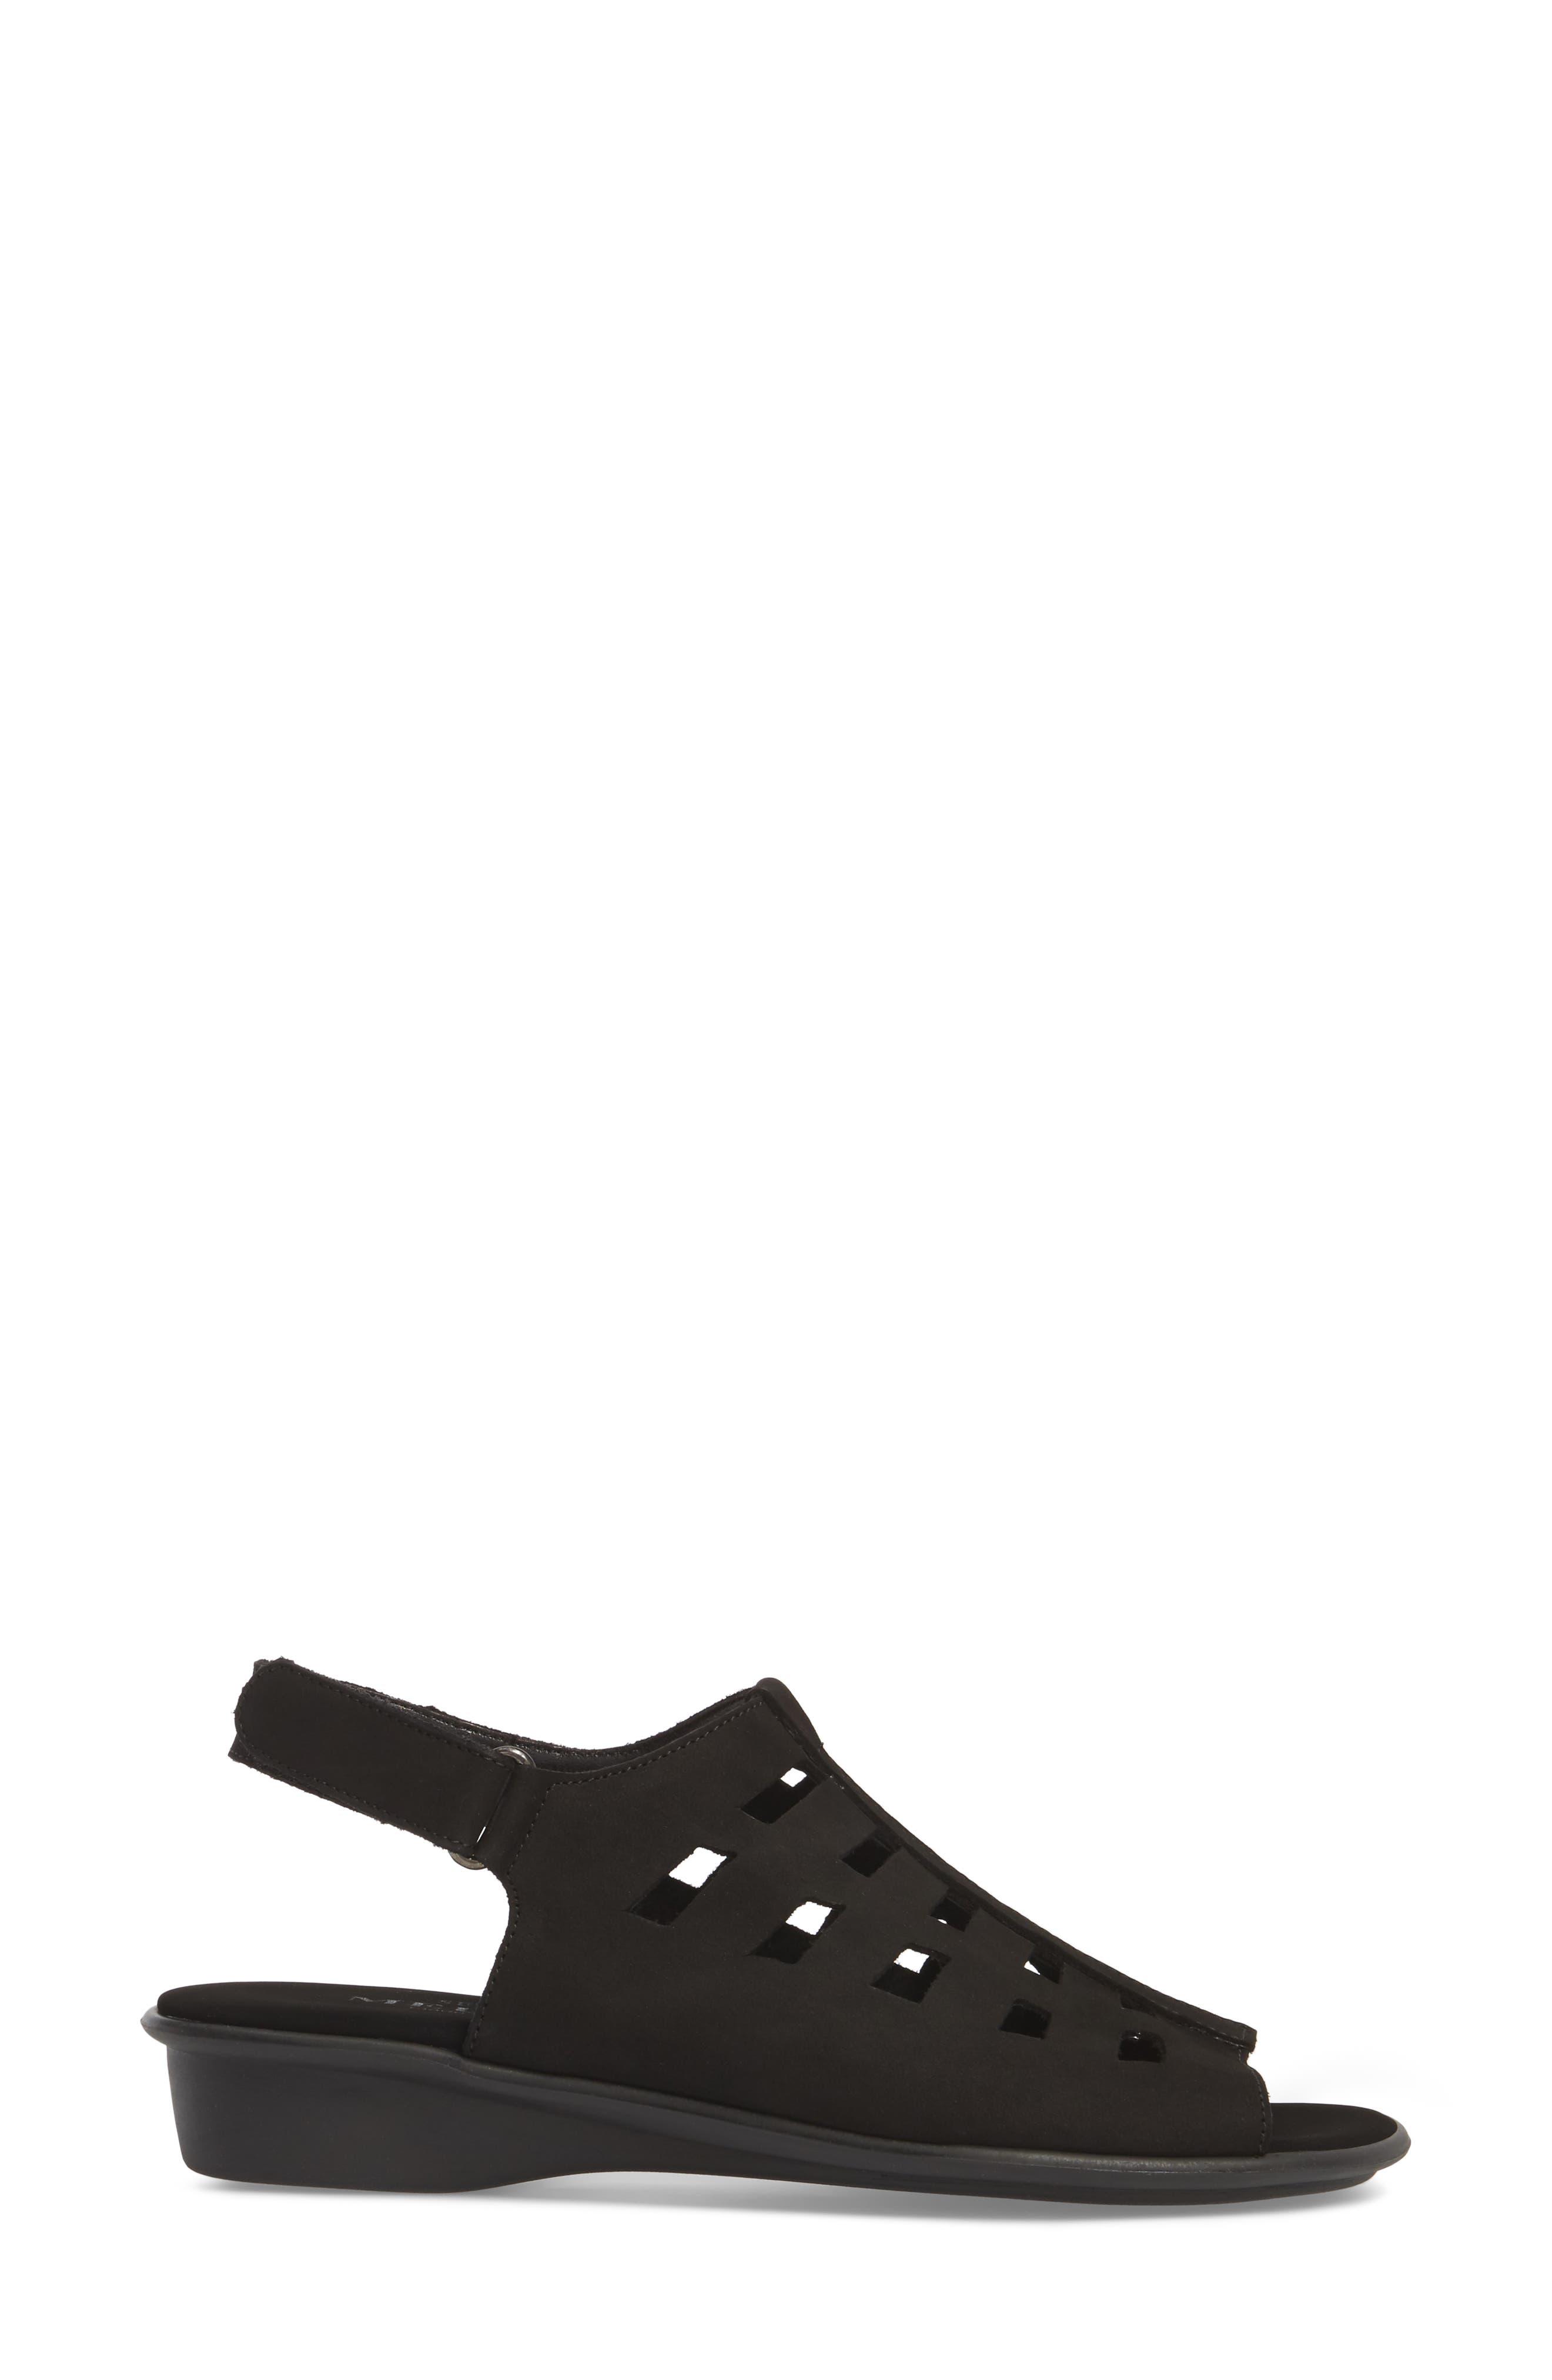 Elita Cutout Slingback Sandal,                             Alternate thumbnail 3, color,                             BLACK NUBUCK